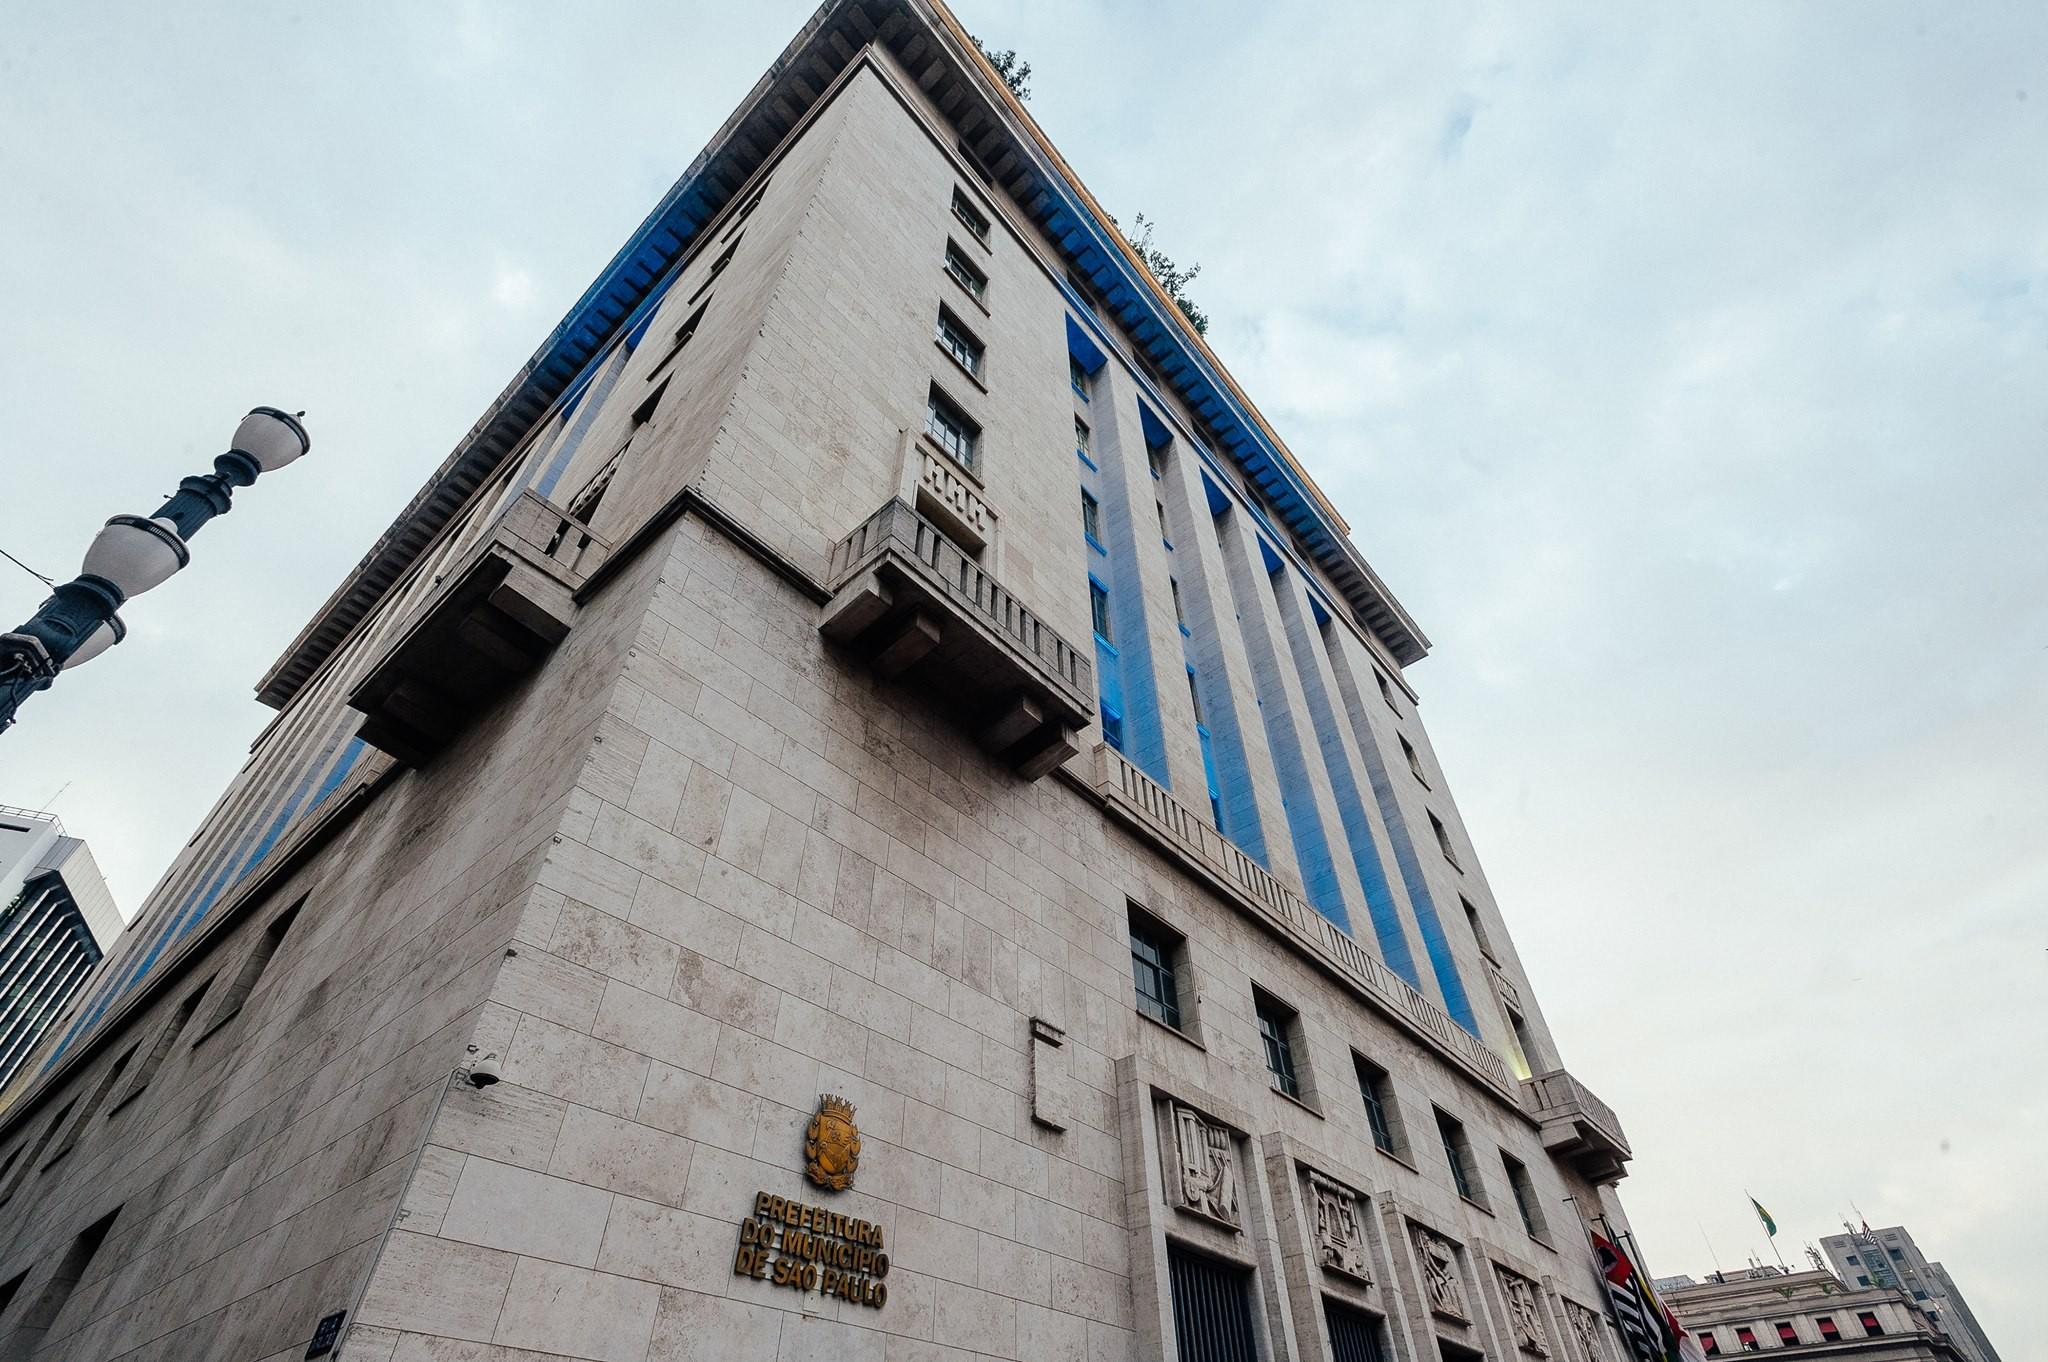 Prefeitura de SP contrata consultoria por R$ 3,5 milhões, sem licitação, para revisar Plano Diretor da cidade